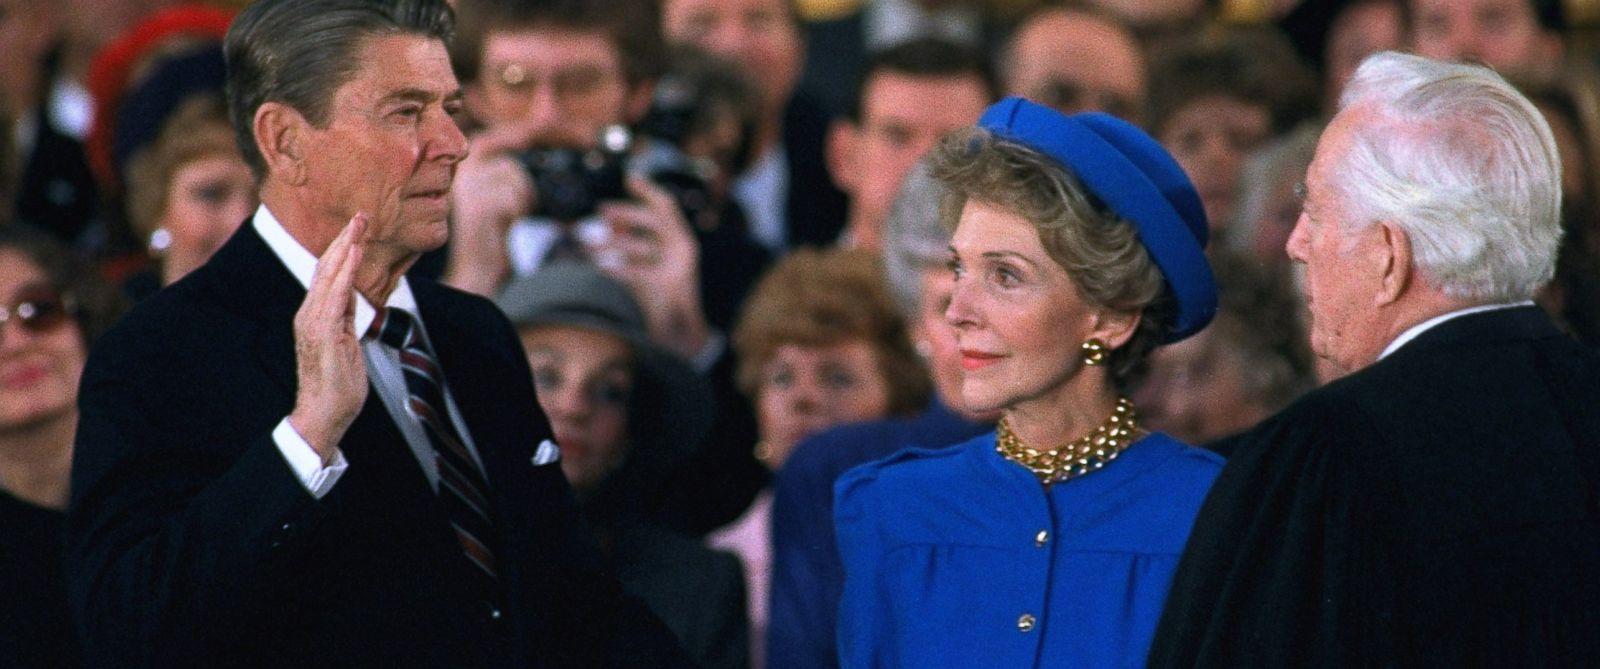 Клятва Рональда Рейгана, 1981 год. Фото: cnn.com